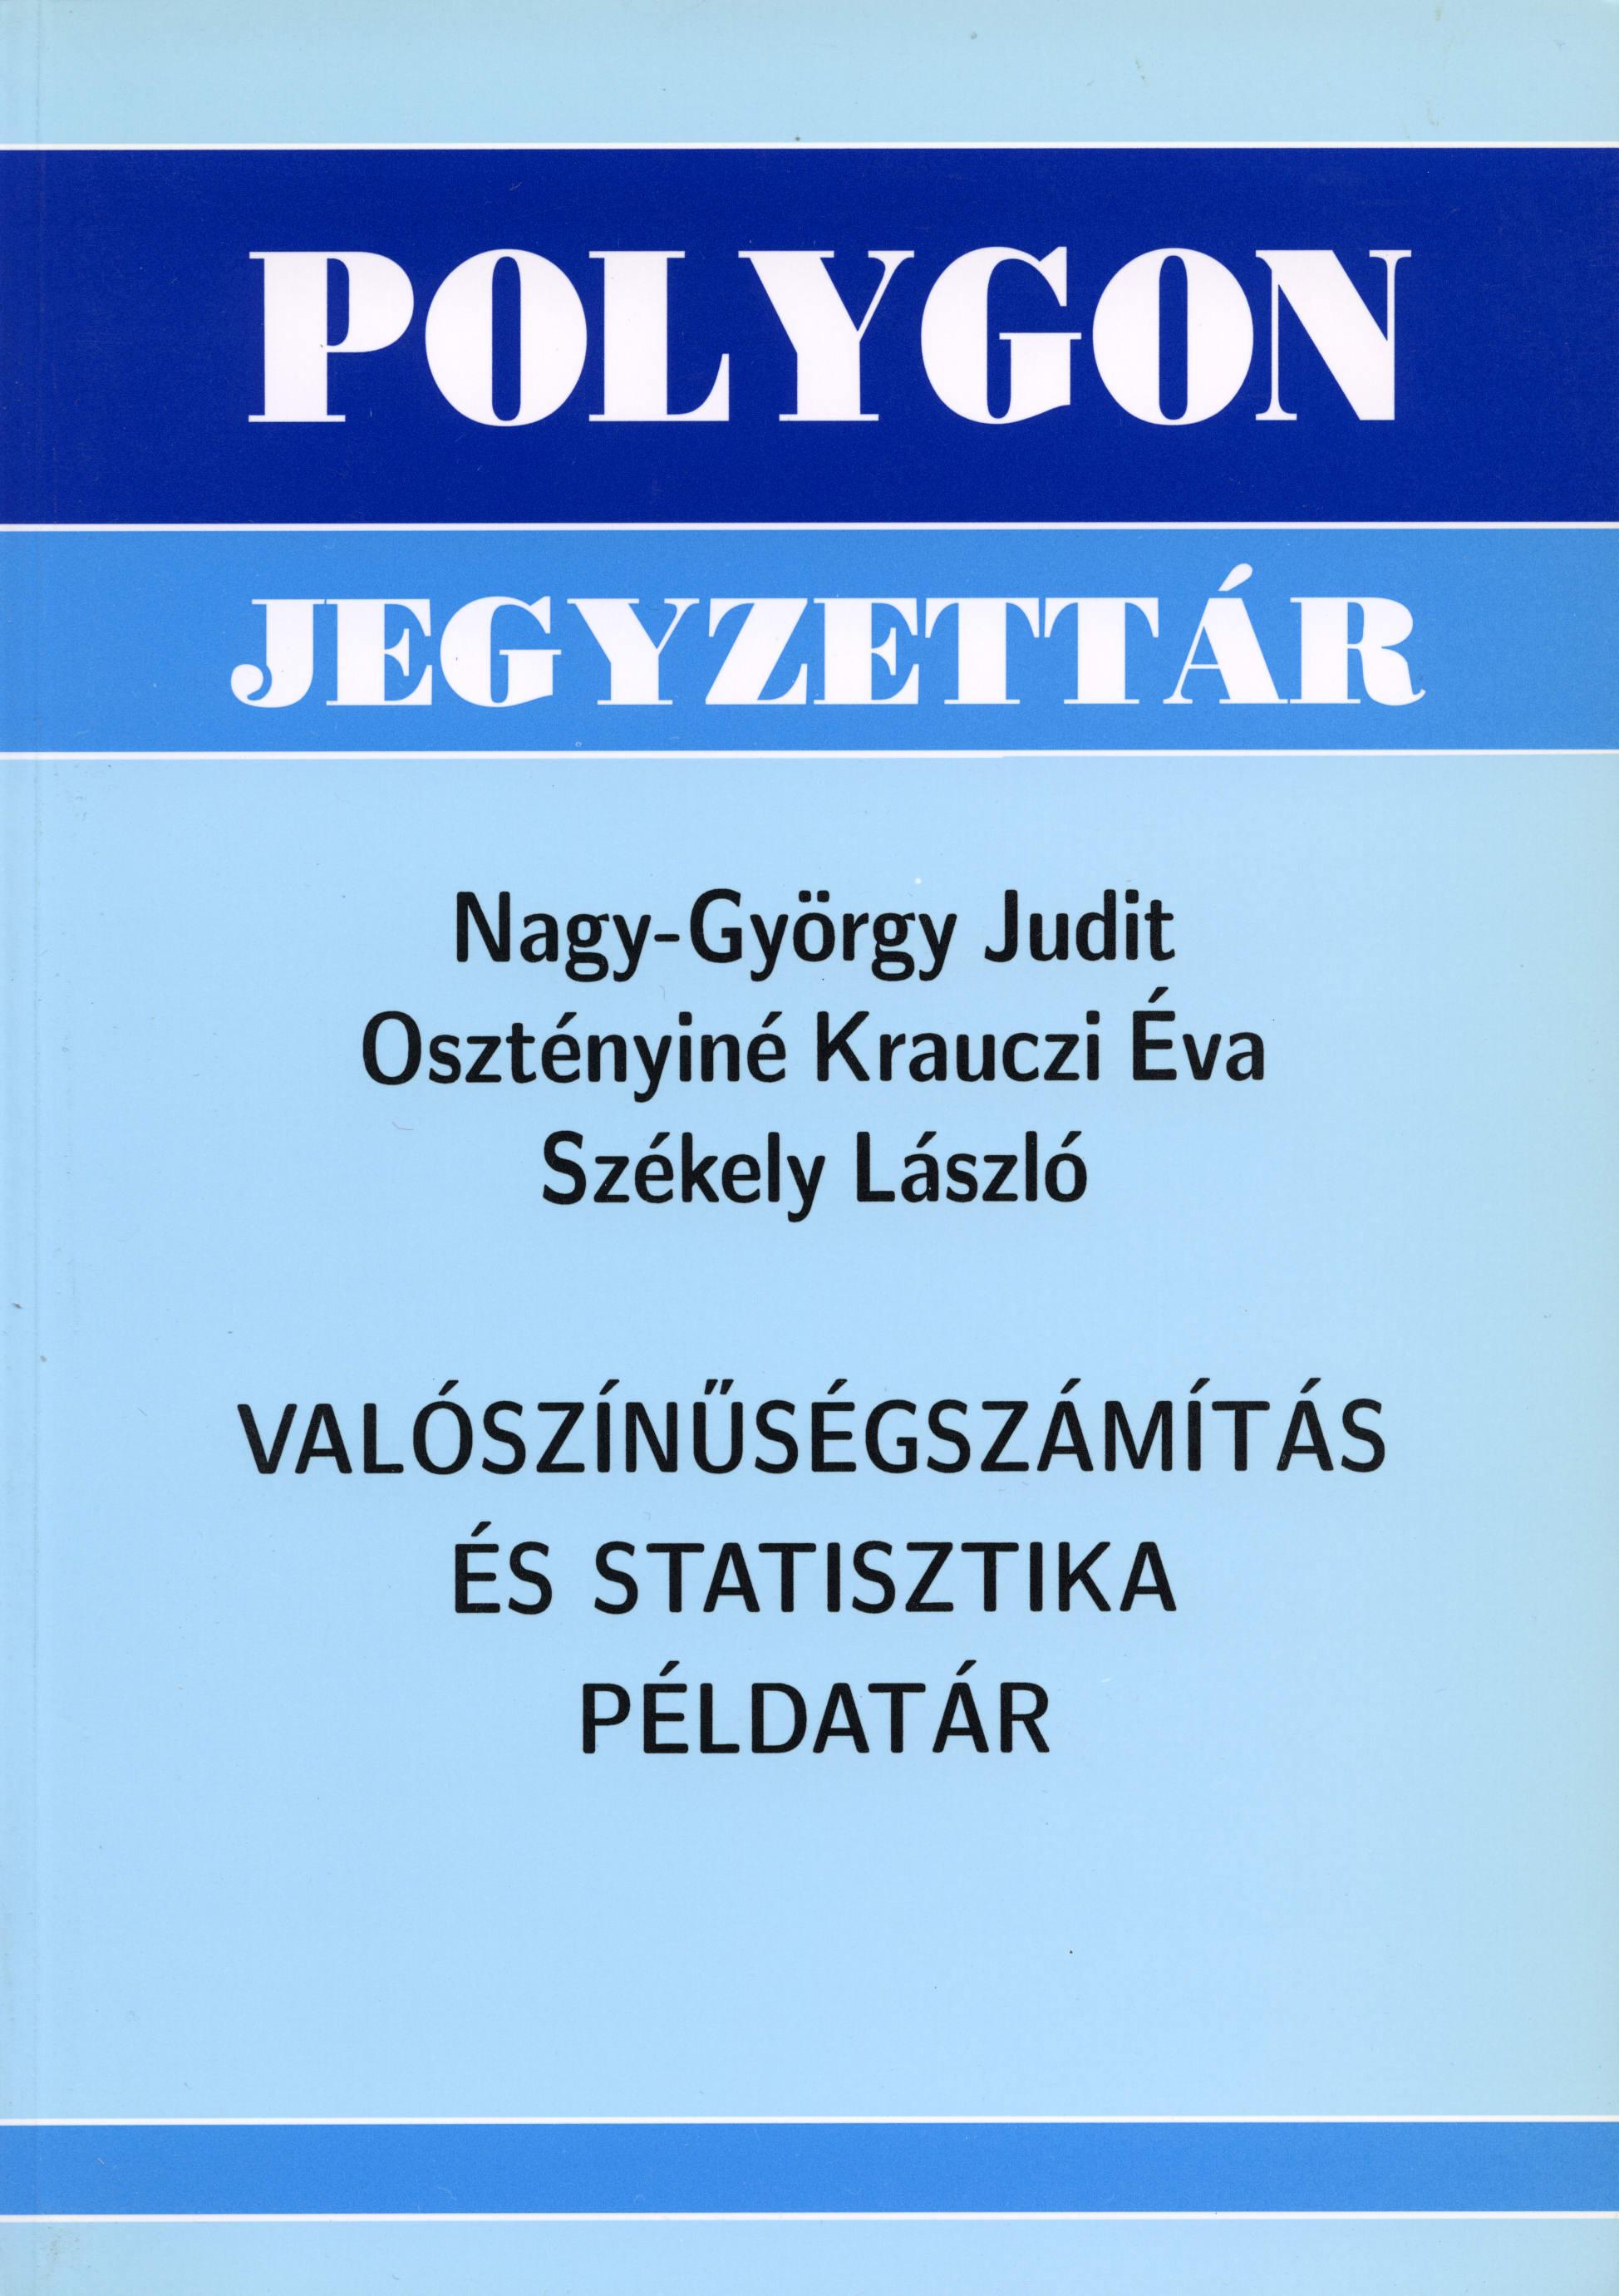 Valószínűségszámítás és statisztika példatár - Polygon jegyzet